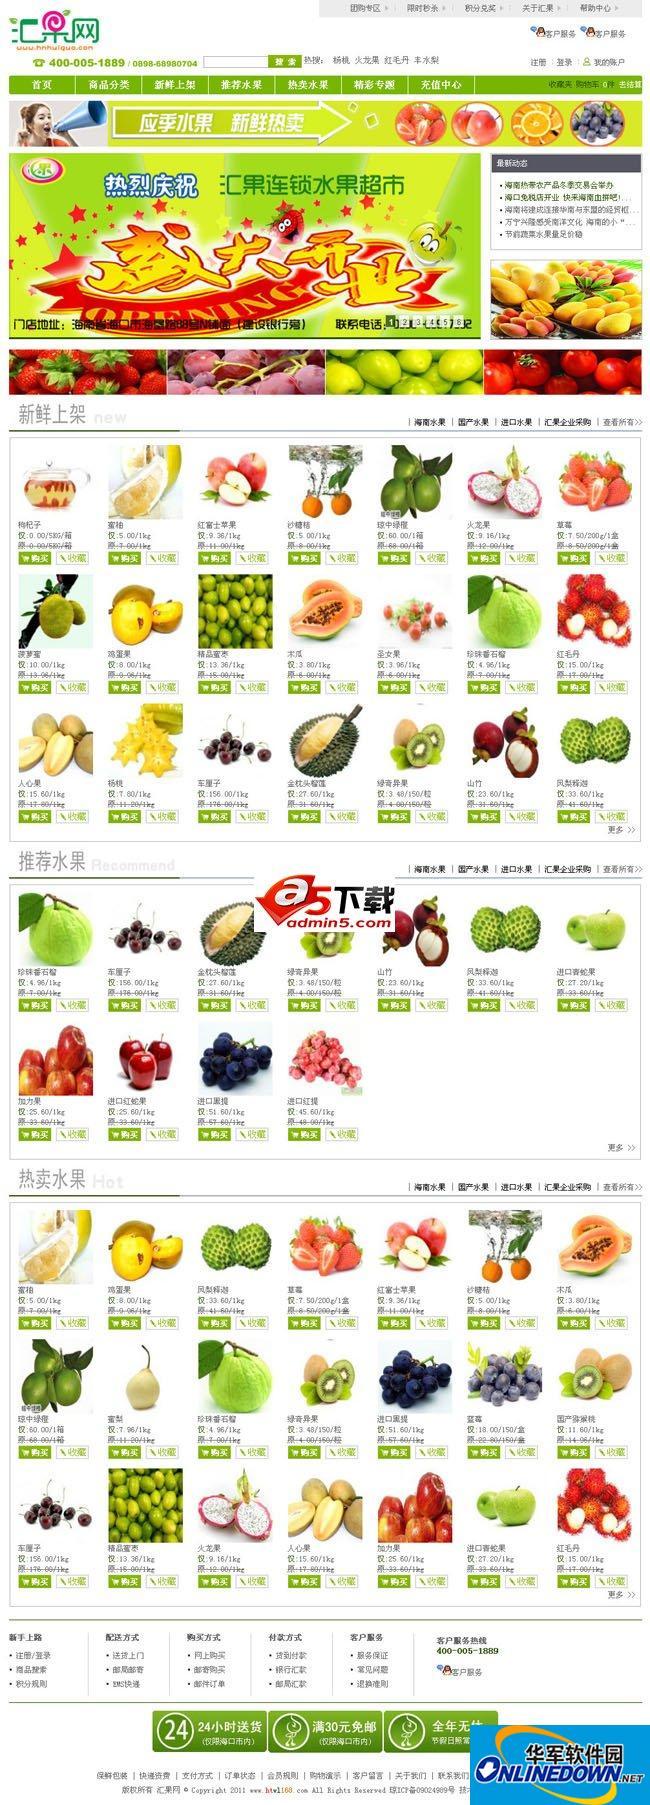 水果商城网站...